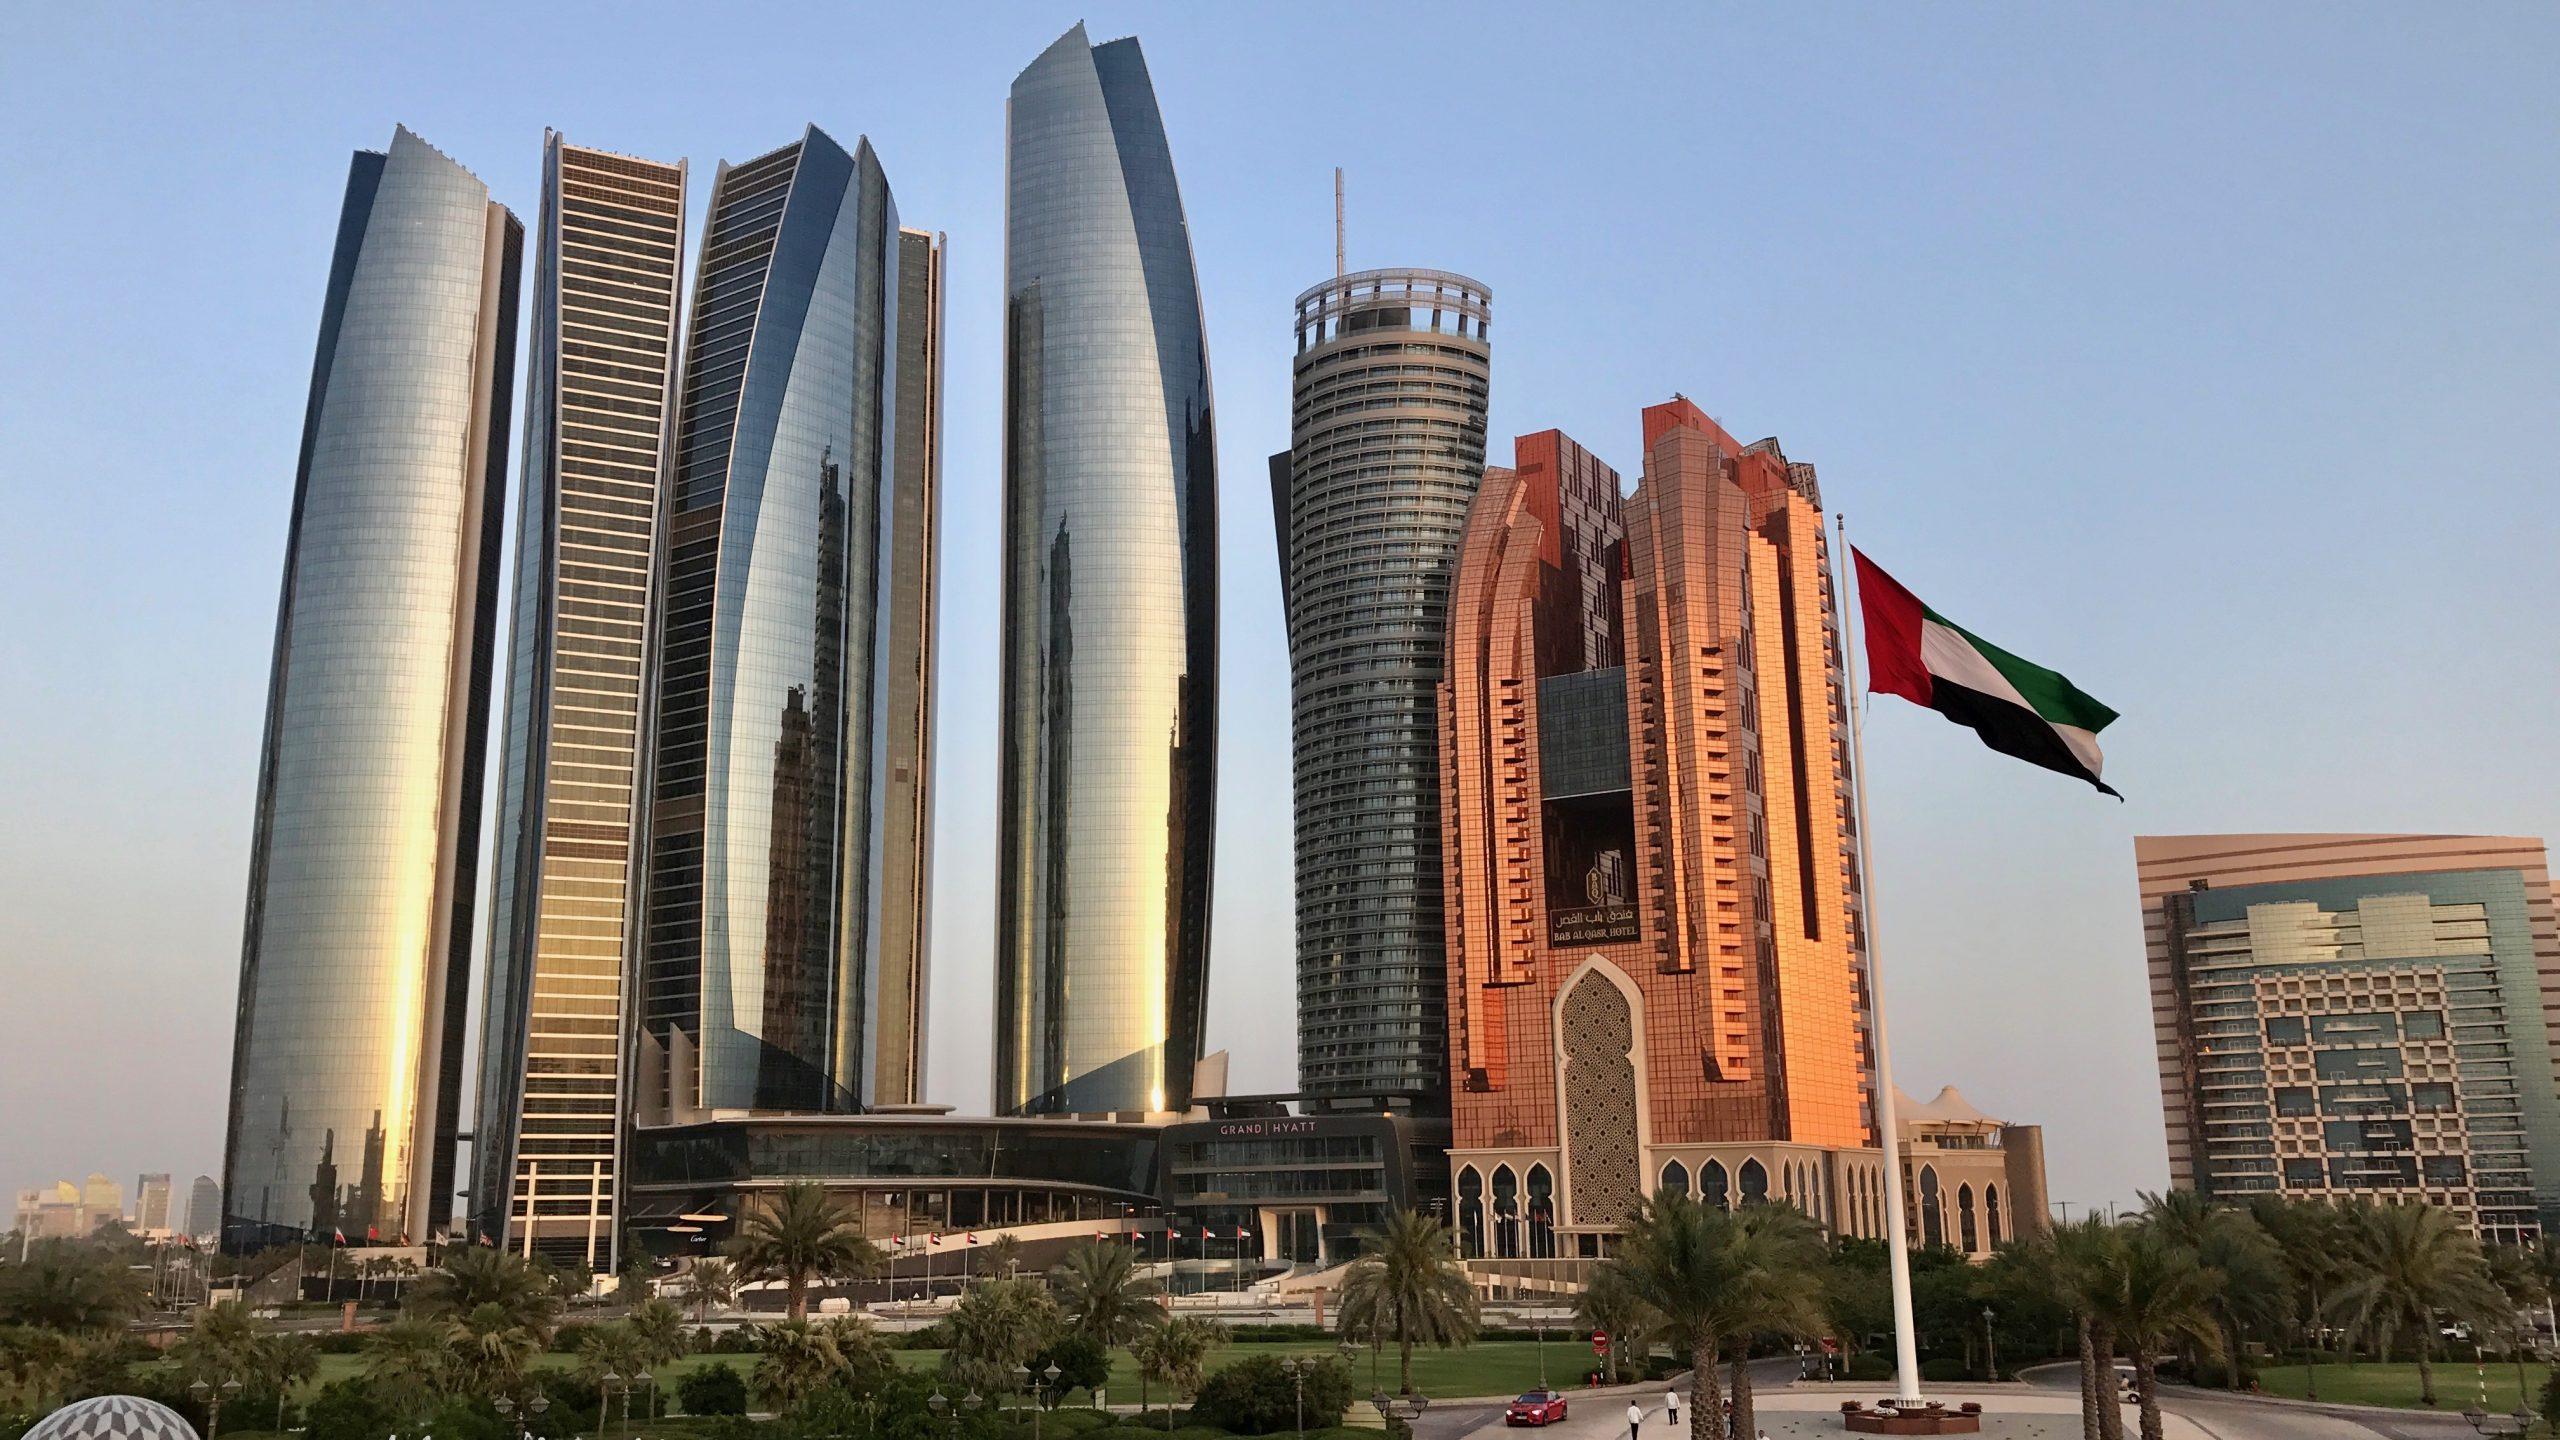 Die fünf Etihad-Türme in Abu Dhabi, eines der Wahrzeichen der Stadt, die bis in 305 Meter Höhe aufragen im Sonnenuntergang besonders schön.